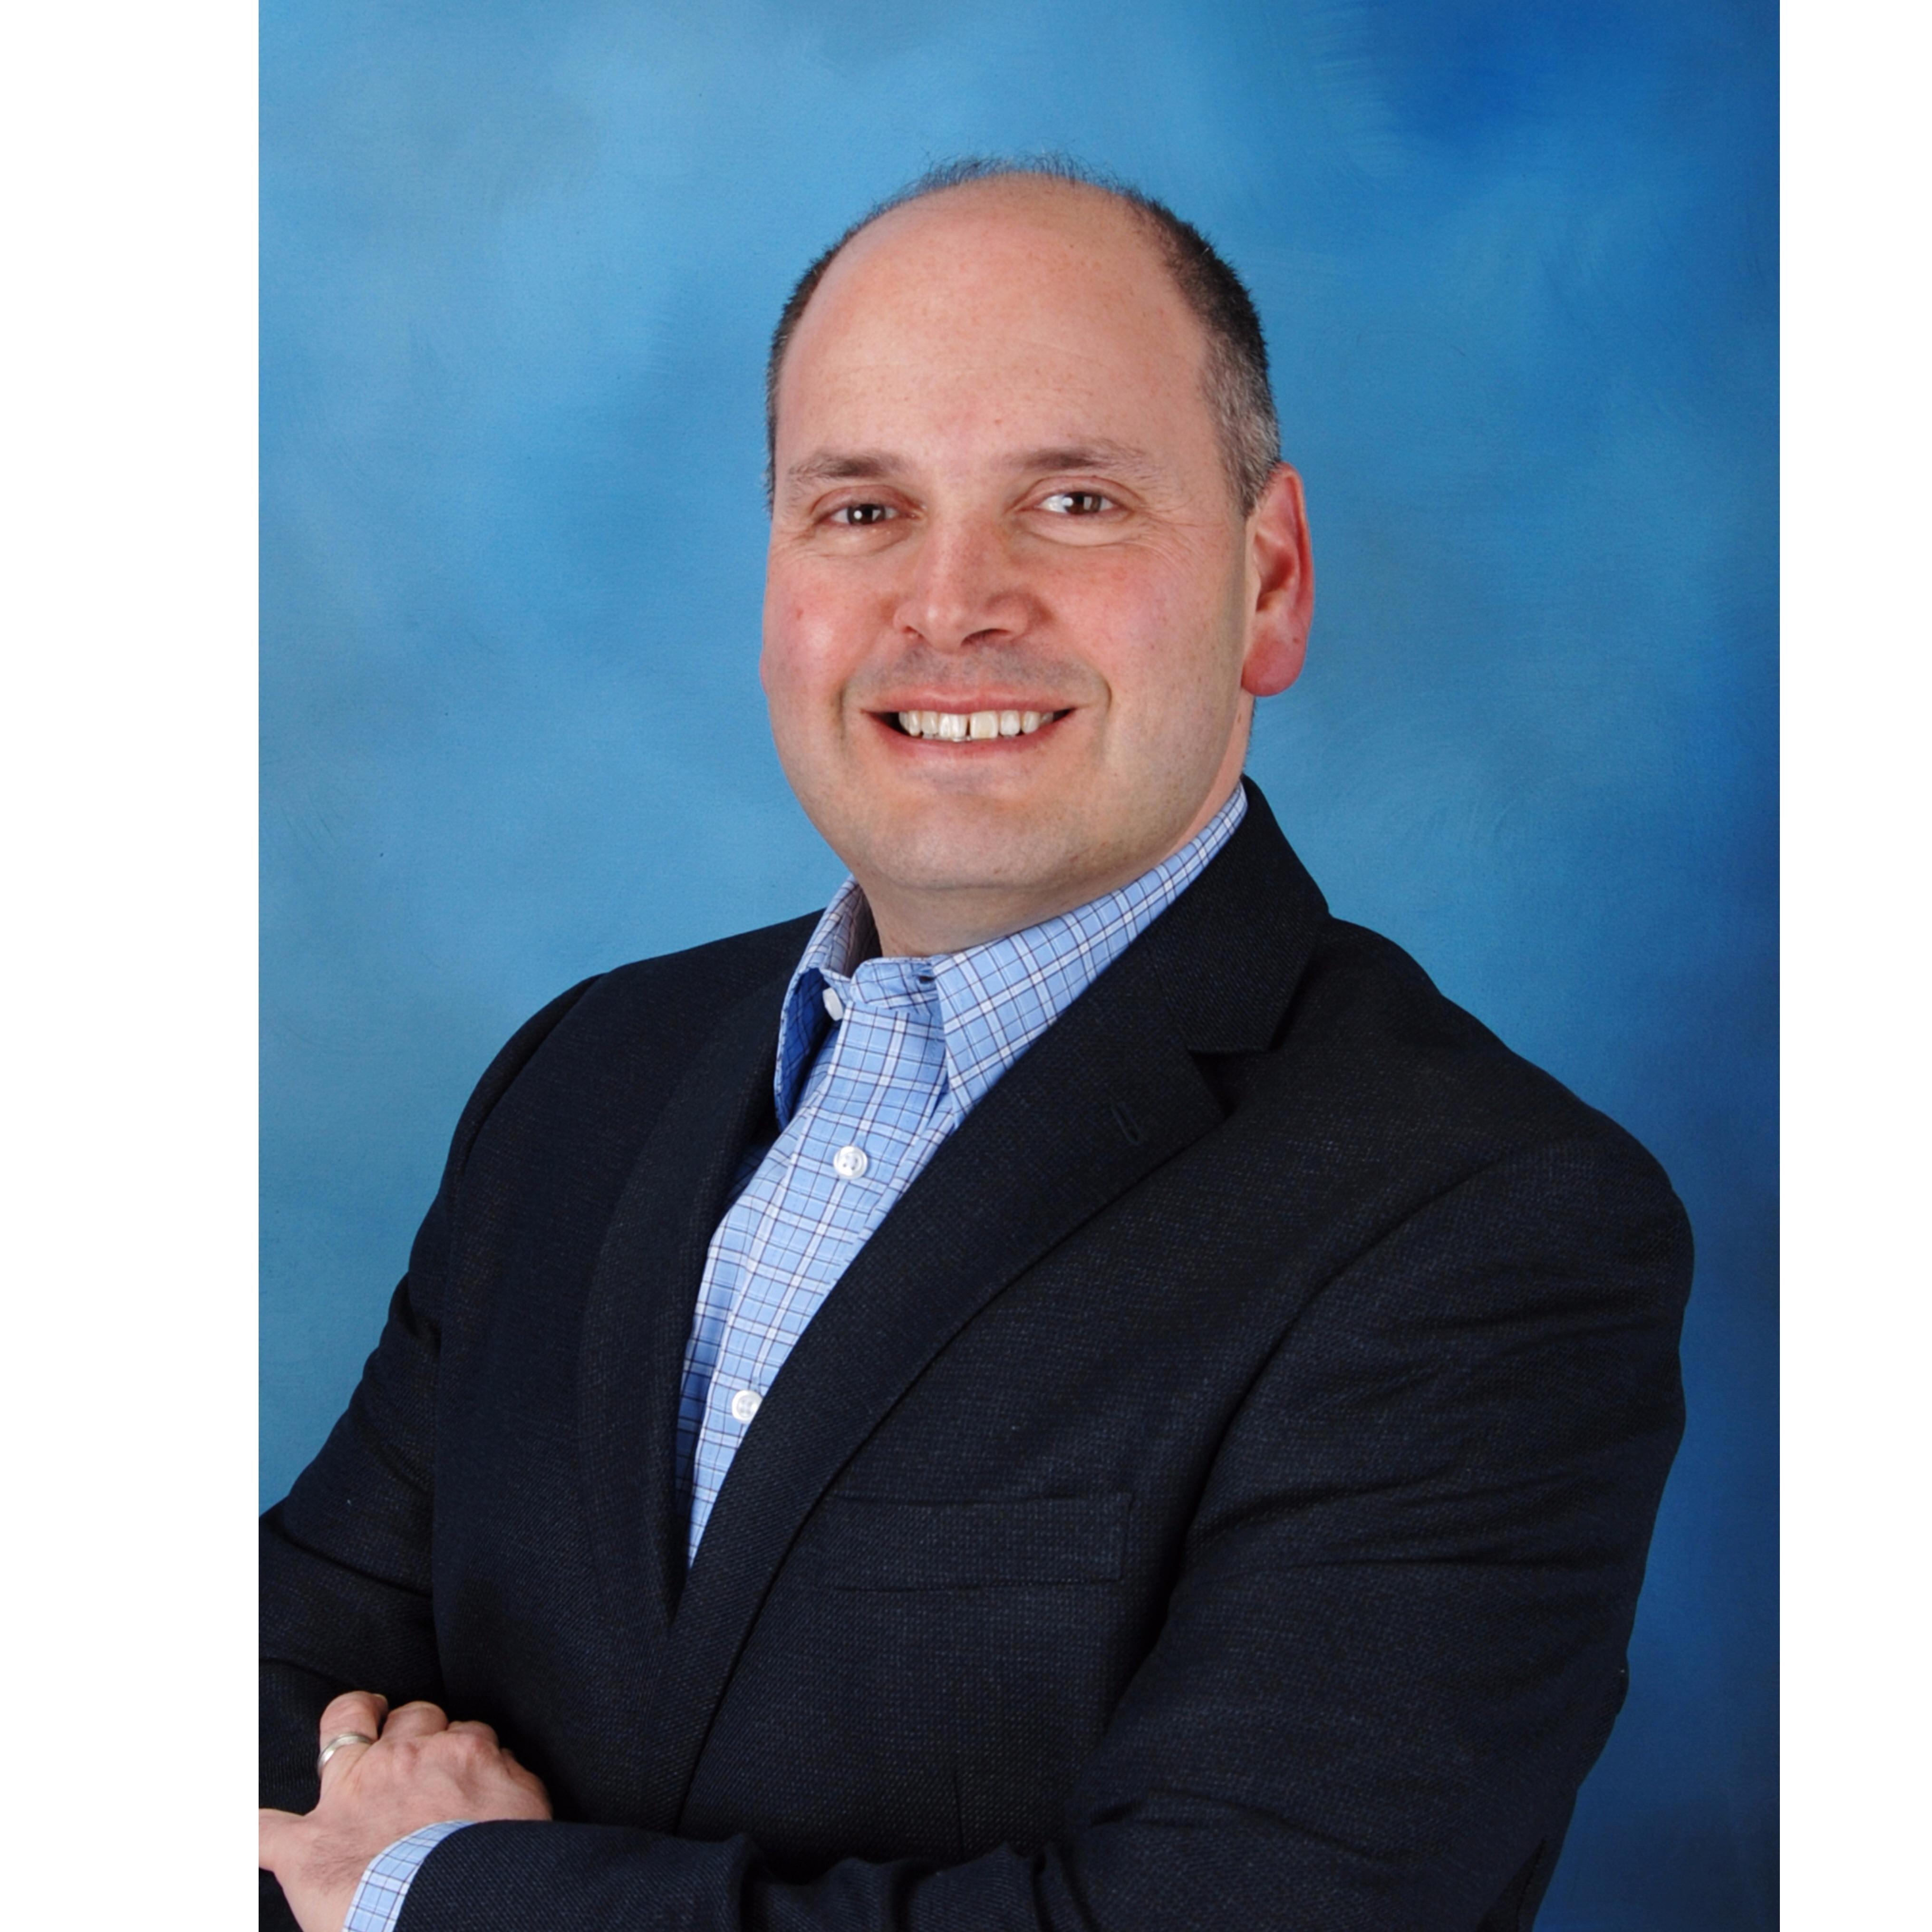 Dr. Jonathan G. Smith